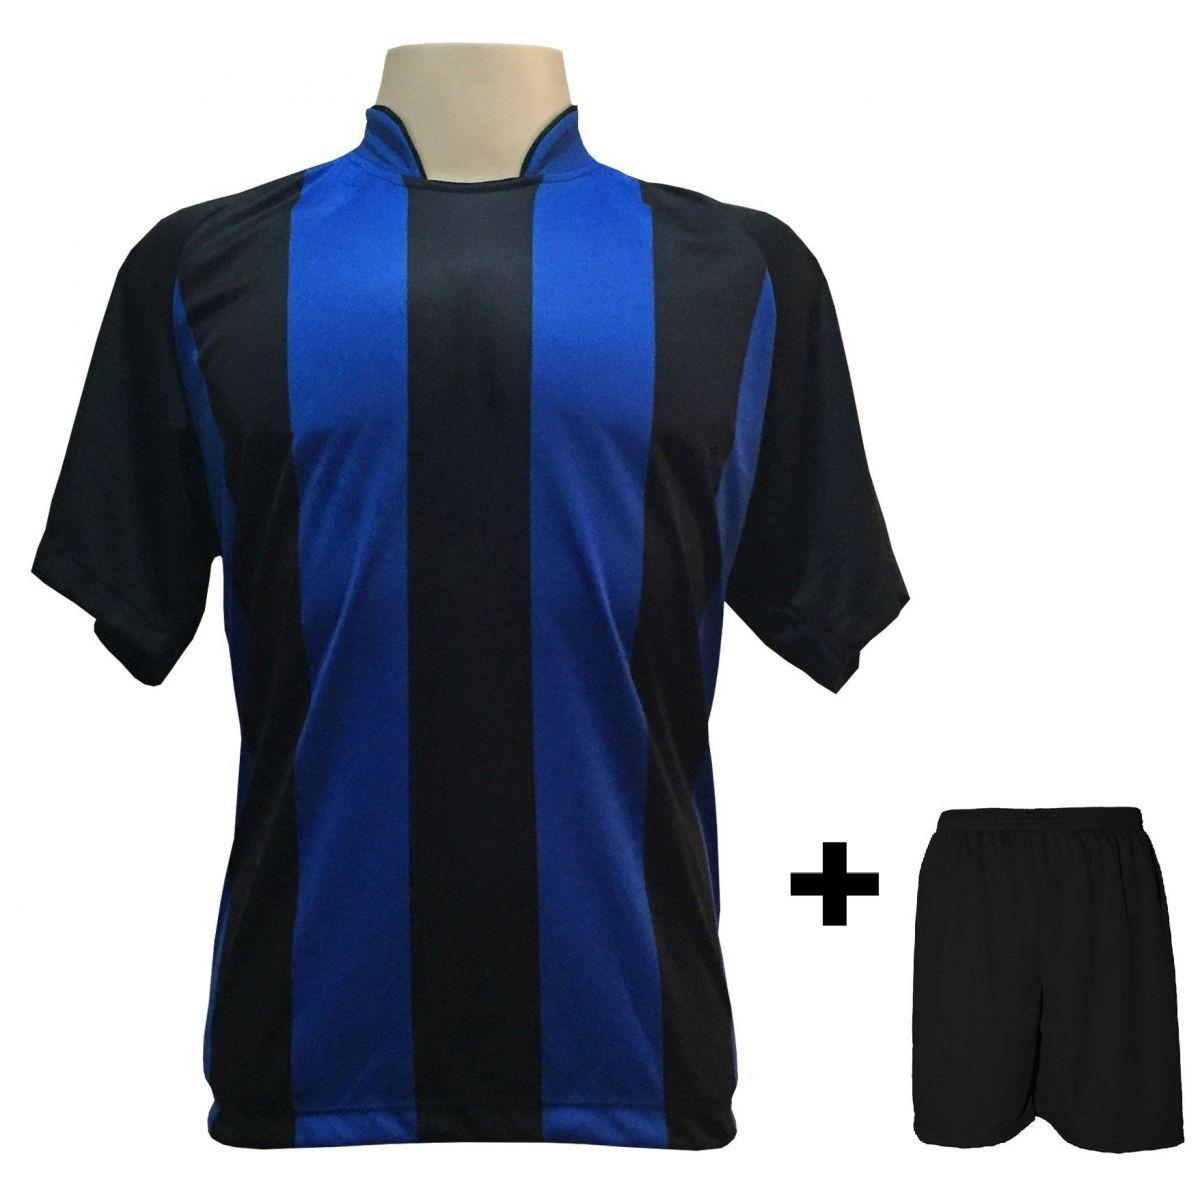 38b57cec72d7f Uniforme Esportivo com 12 camisas modelo Milan Preto Royal + 12 calções  modelo Madrid Preto